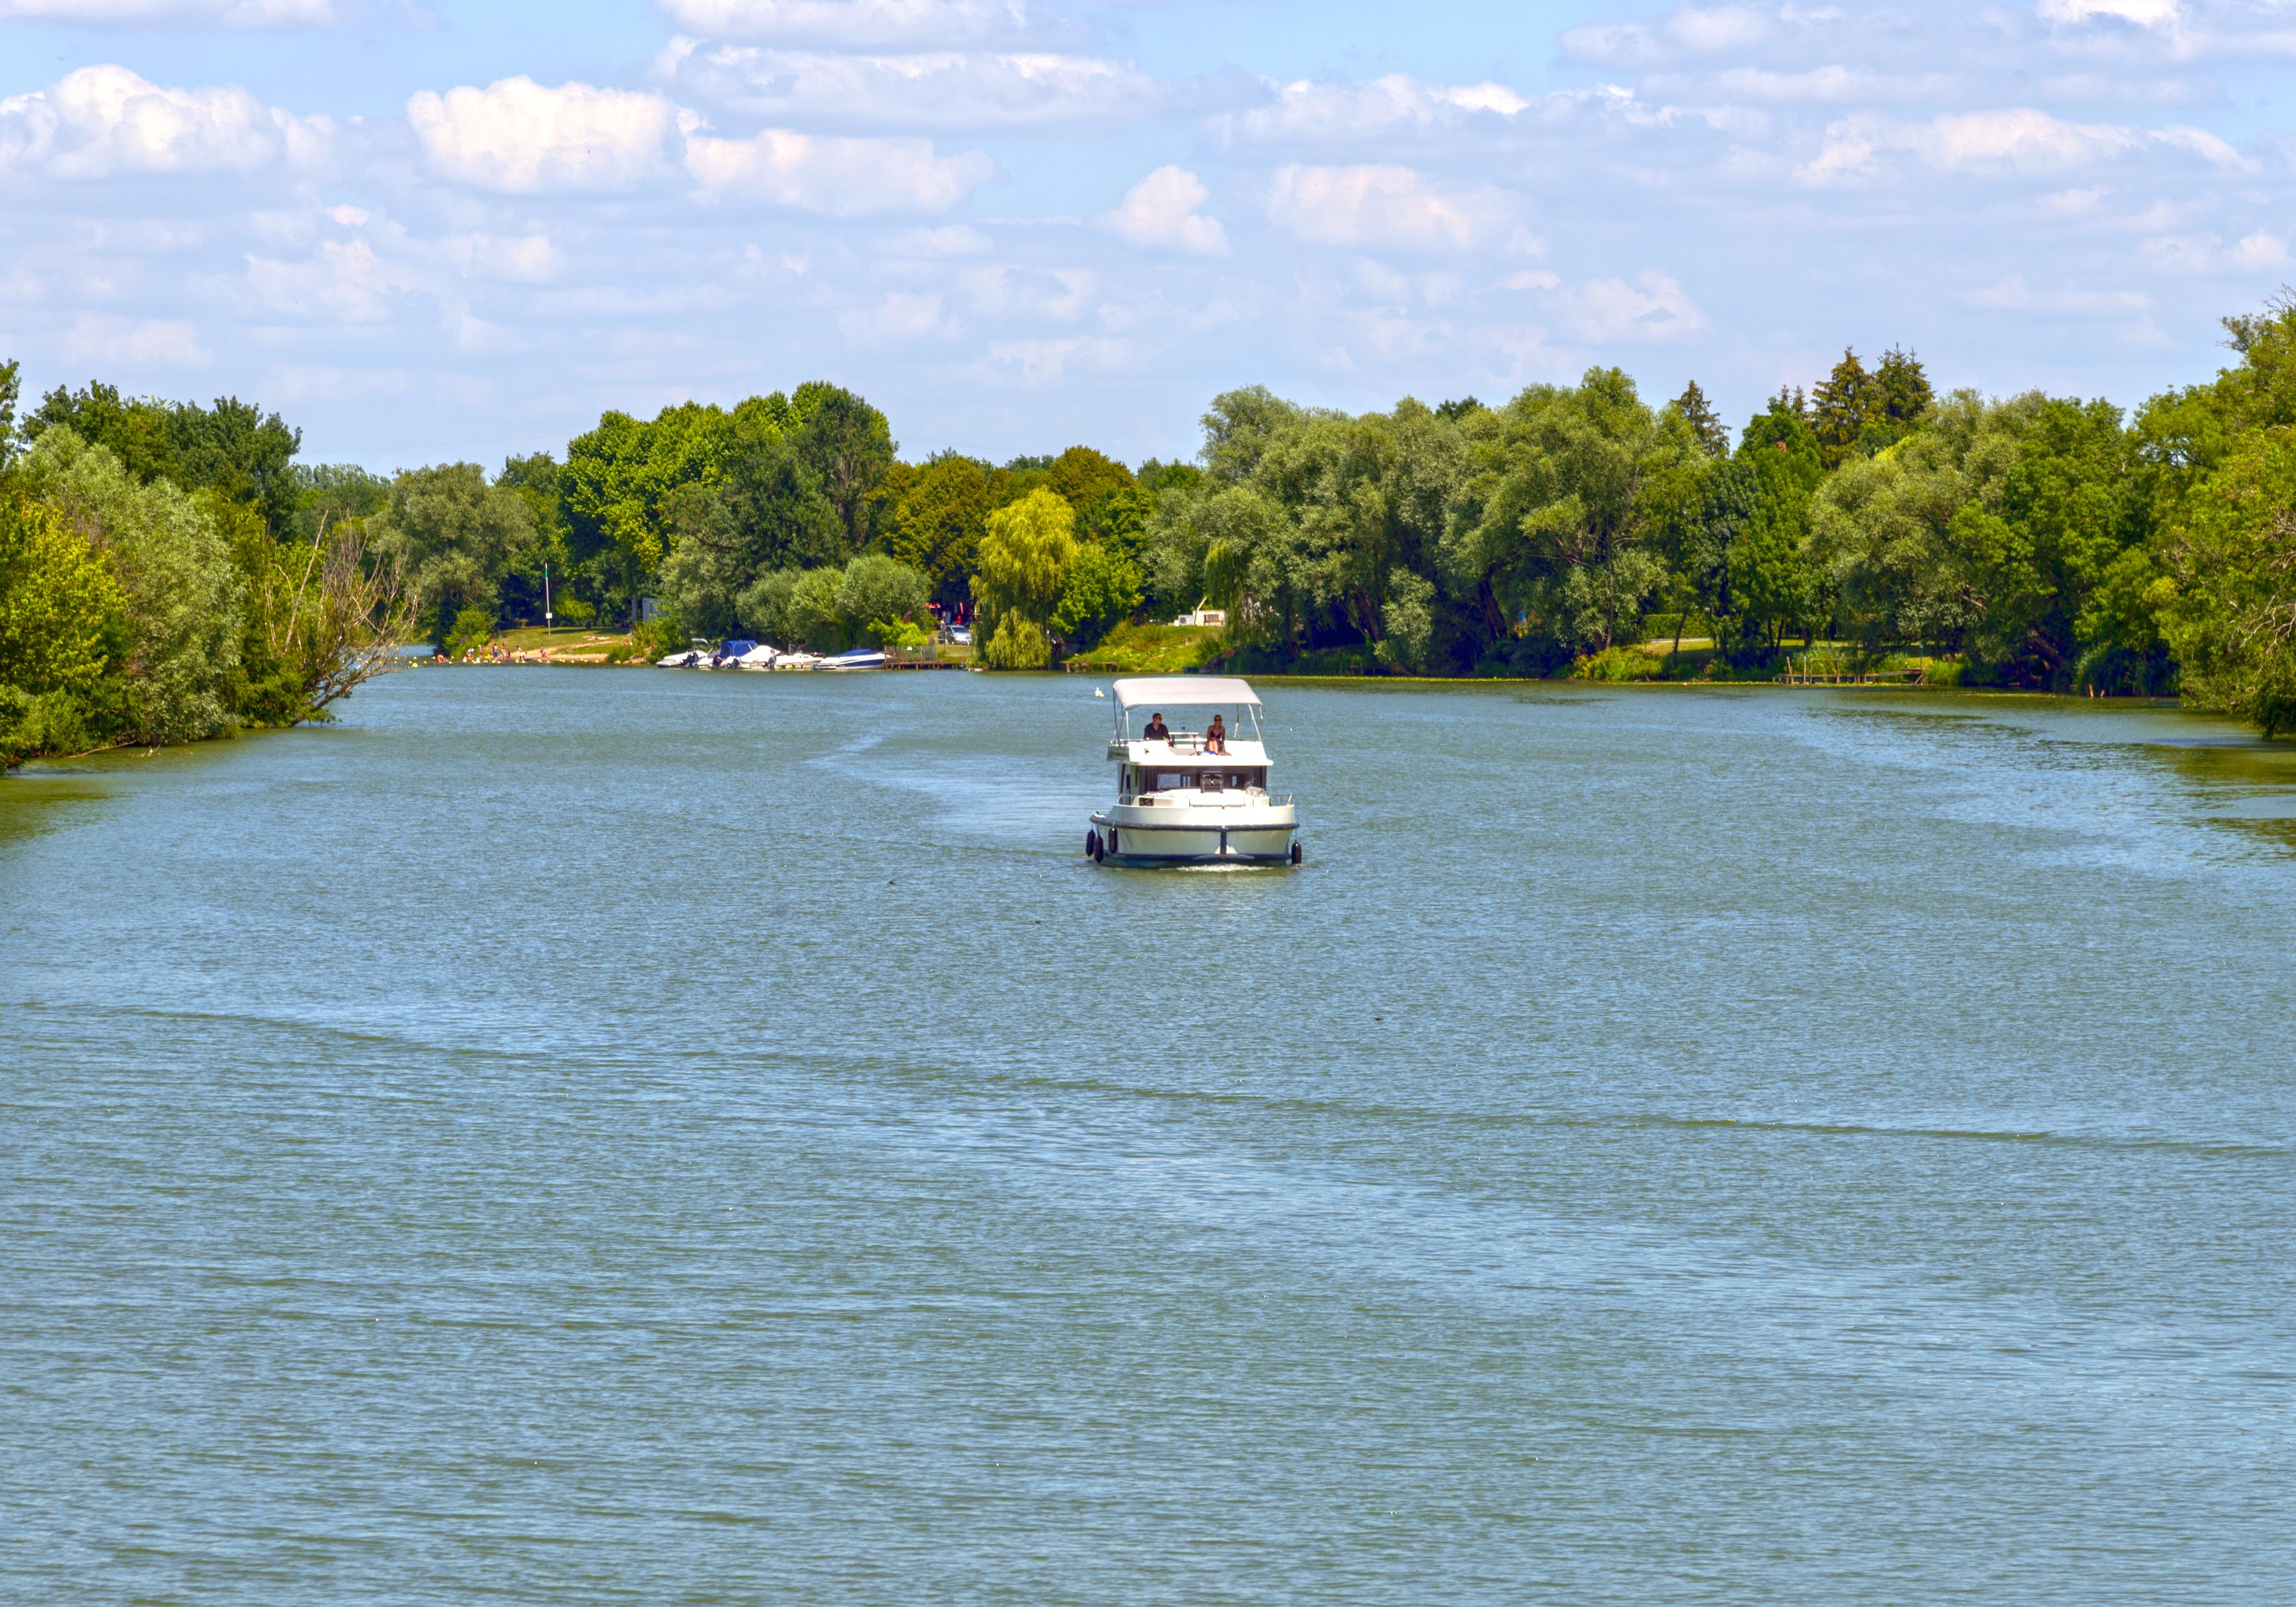 Tourisme fluvial à Pontailler sur Saône